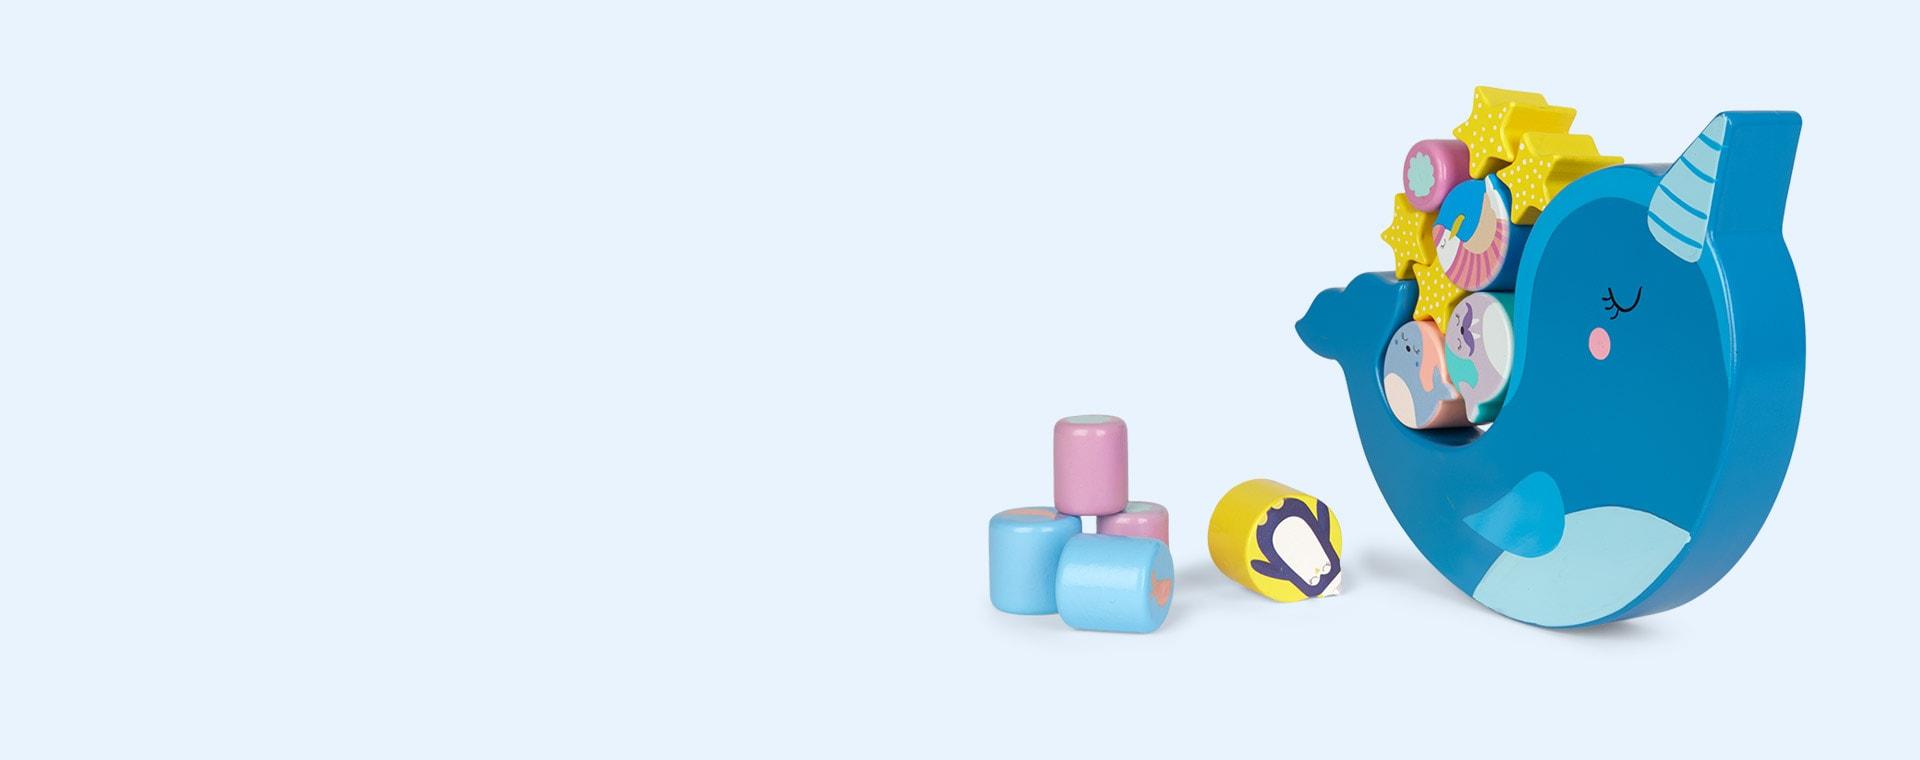 Blue Sunnylife Balance Stacking Game